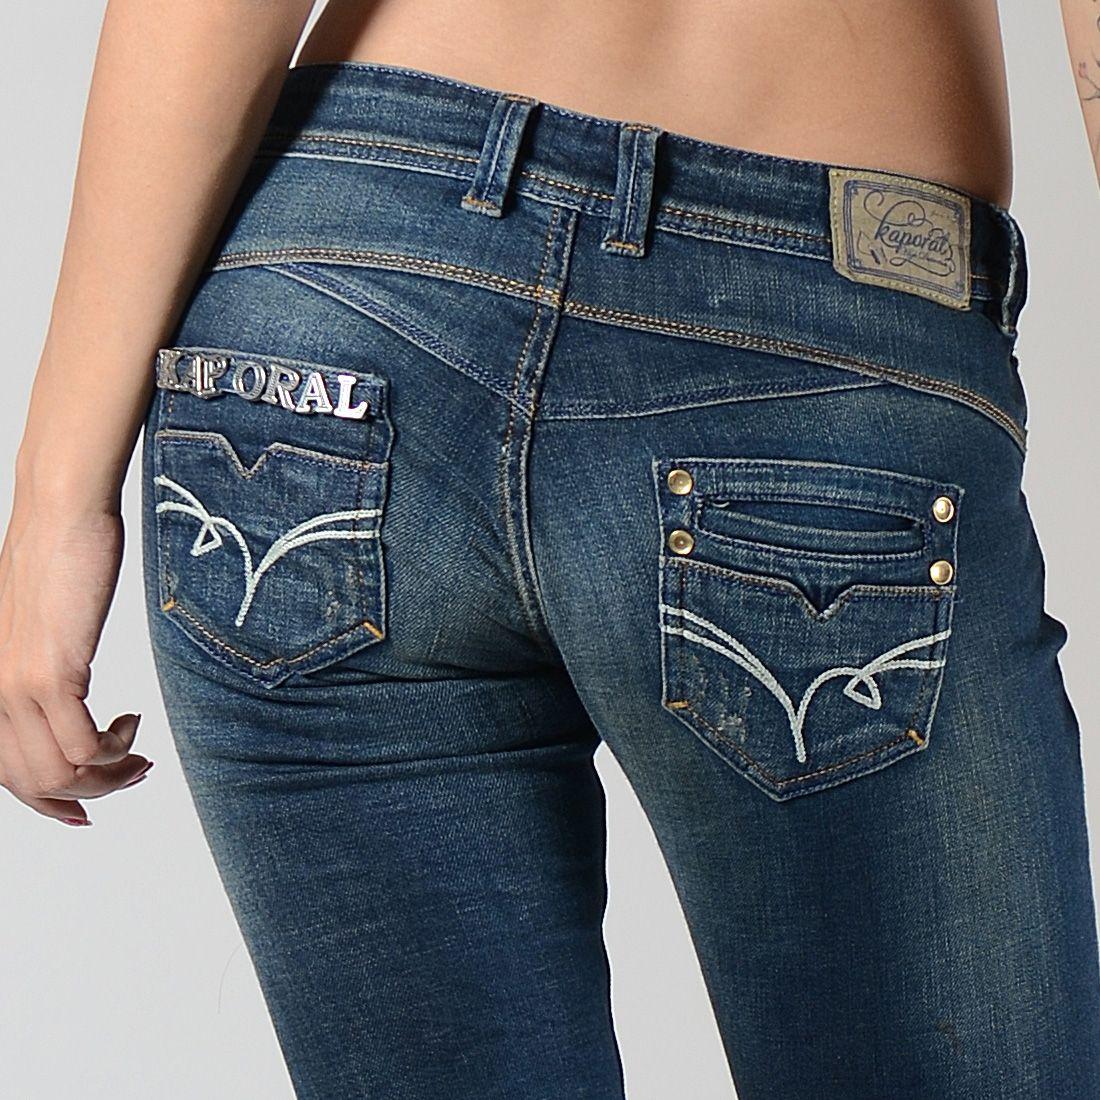 femme jeans collection jeans kaporal 5 kaporal 5. Black Bedroom Furniture Sets. Home Design Ideas